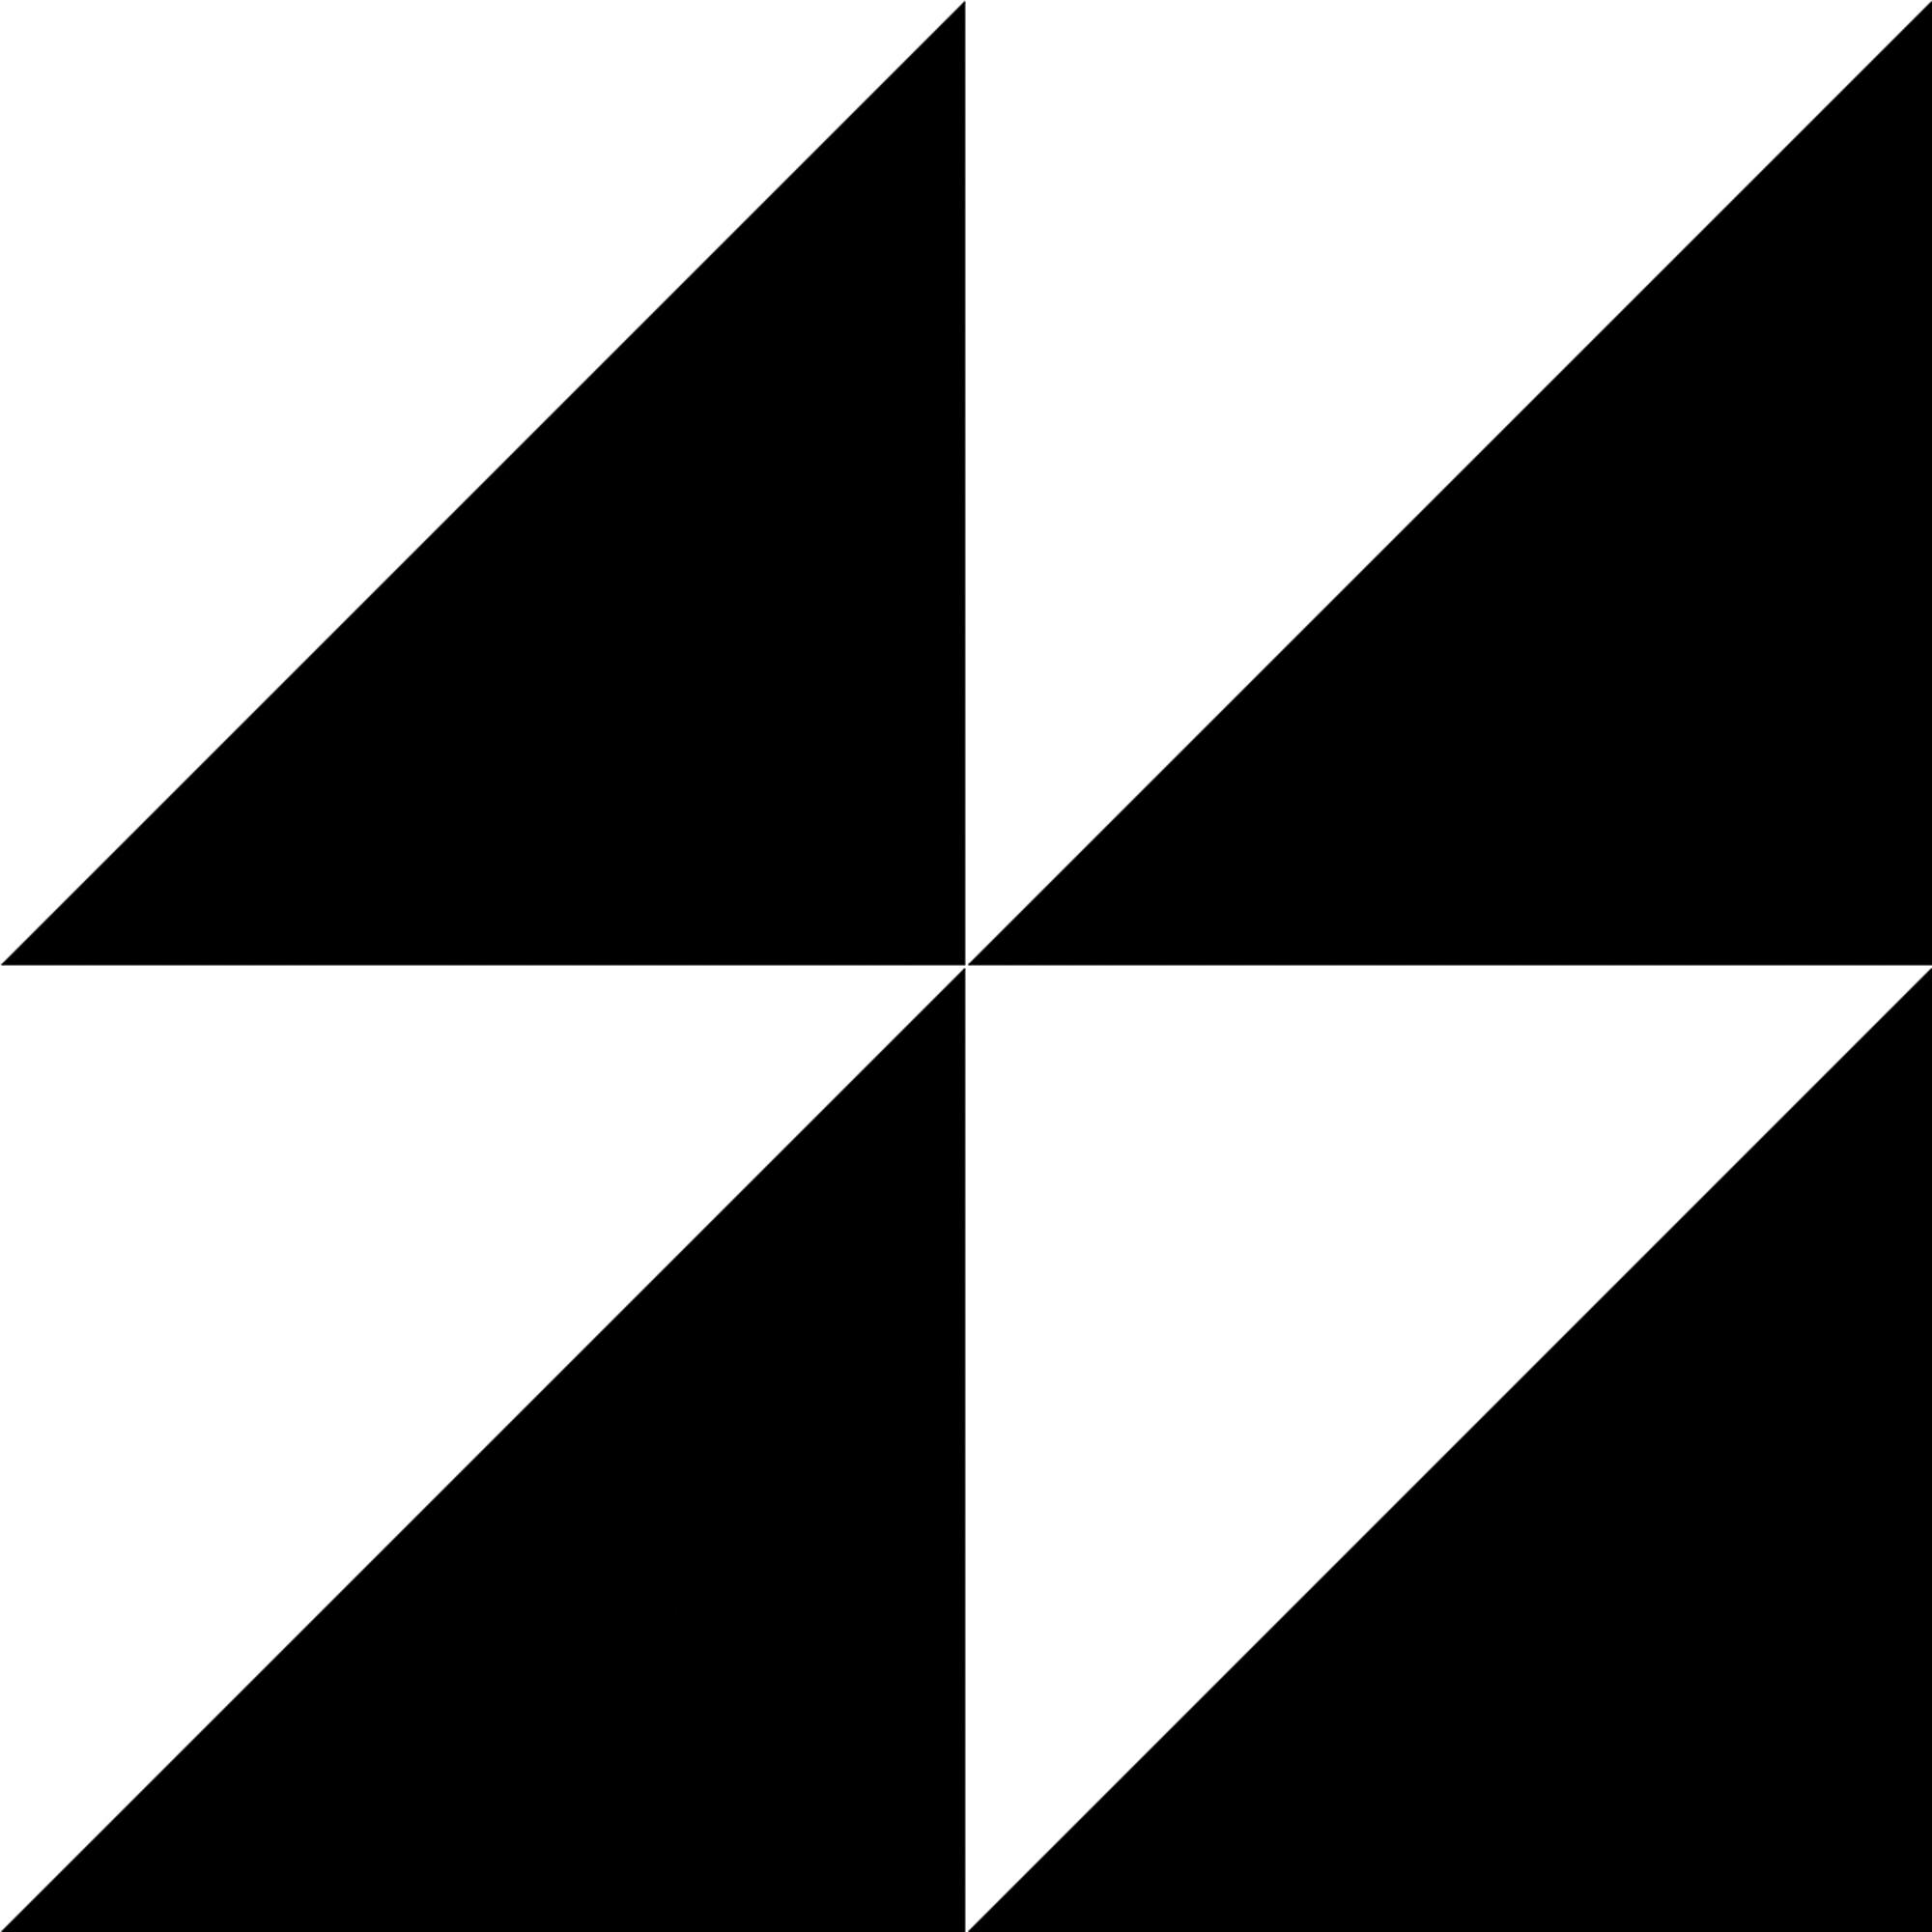 K94845500001VTE0, Retromix, Valkoinen, lattia,pakkasenkesto,uimahalli